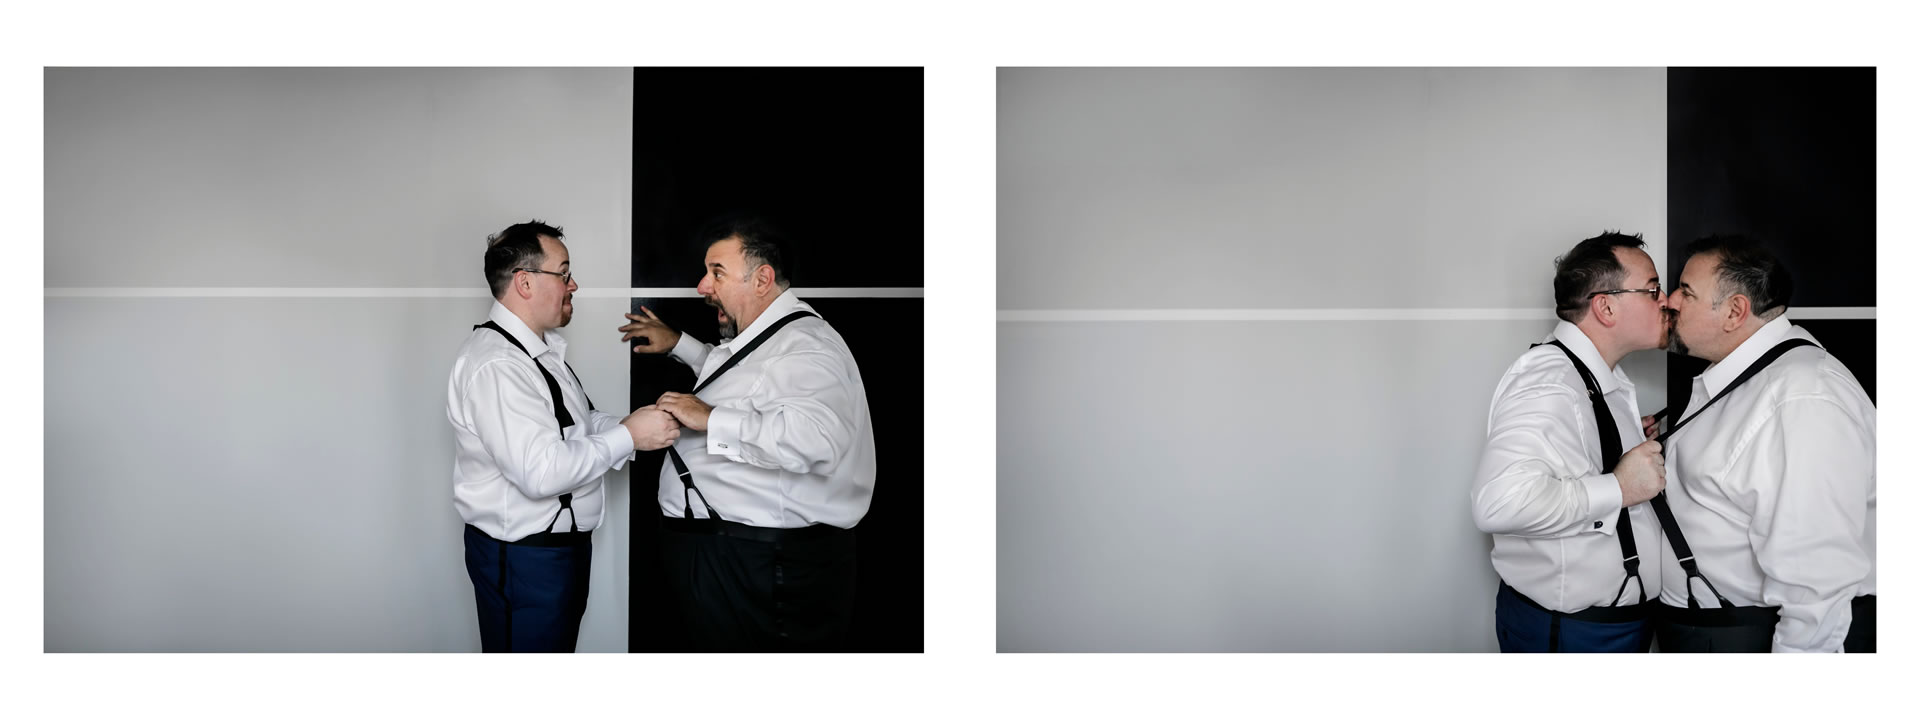 same-sex-love-in-portofino-david-bastianoni-photographer-00008 - 8 :: Wedding in Portofino // WPPI 2018 // The man that I love :: Luxury wedding photography - 7 :: same-sex-love-in-portofino-david-bastianoni-photographer-00008 - 8